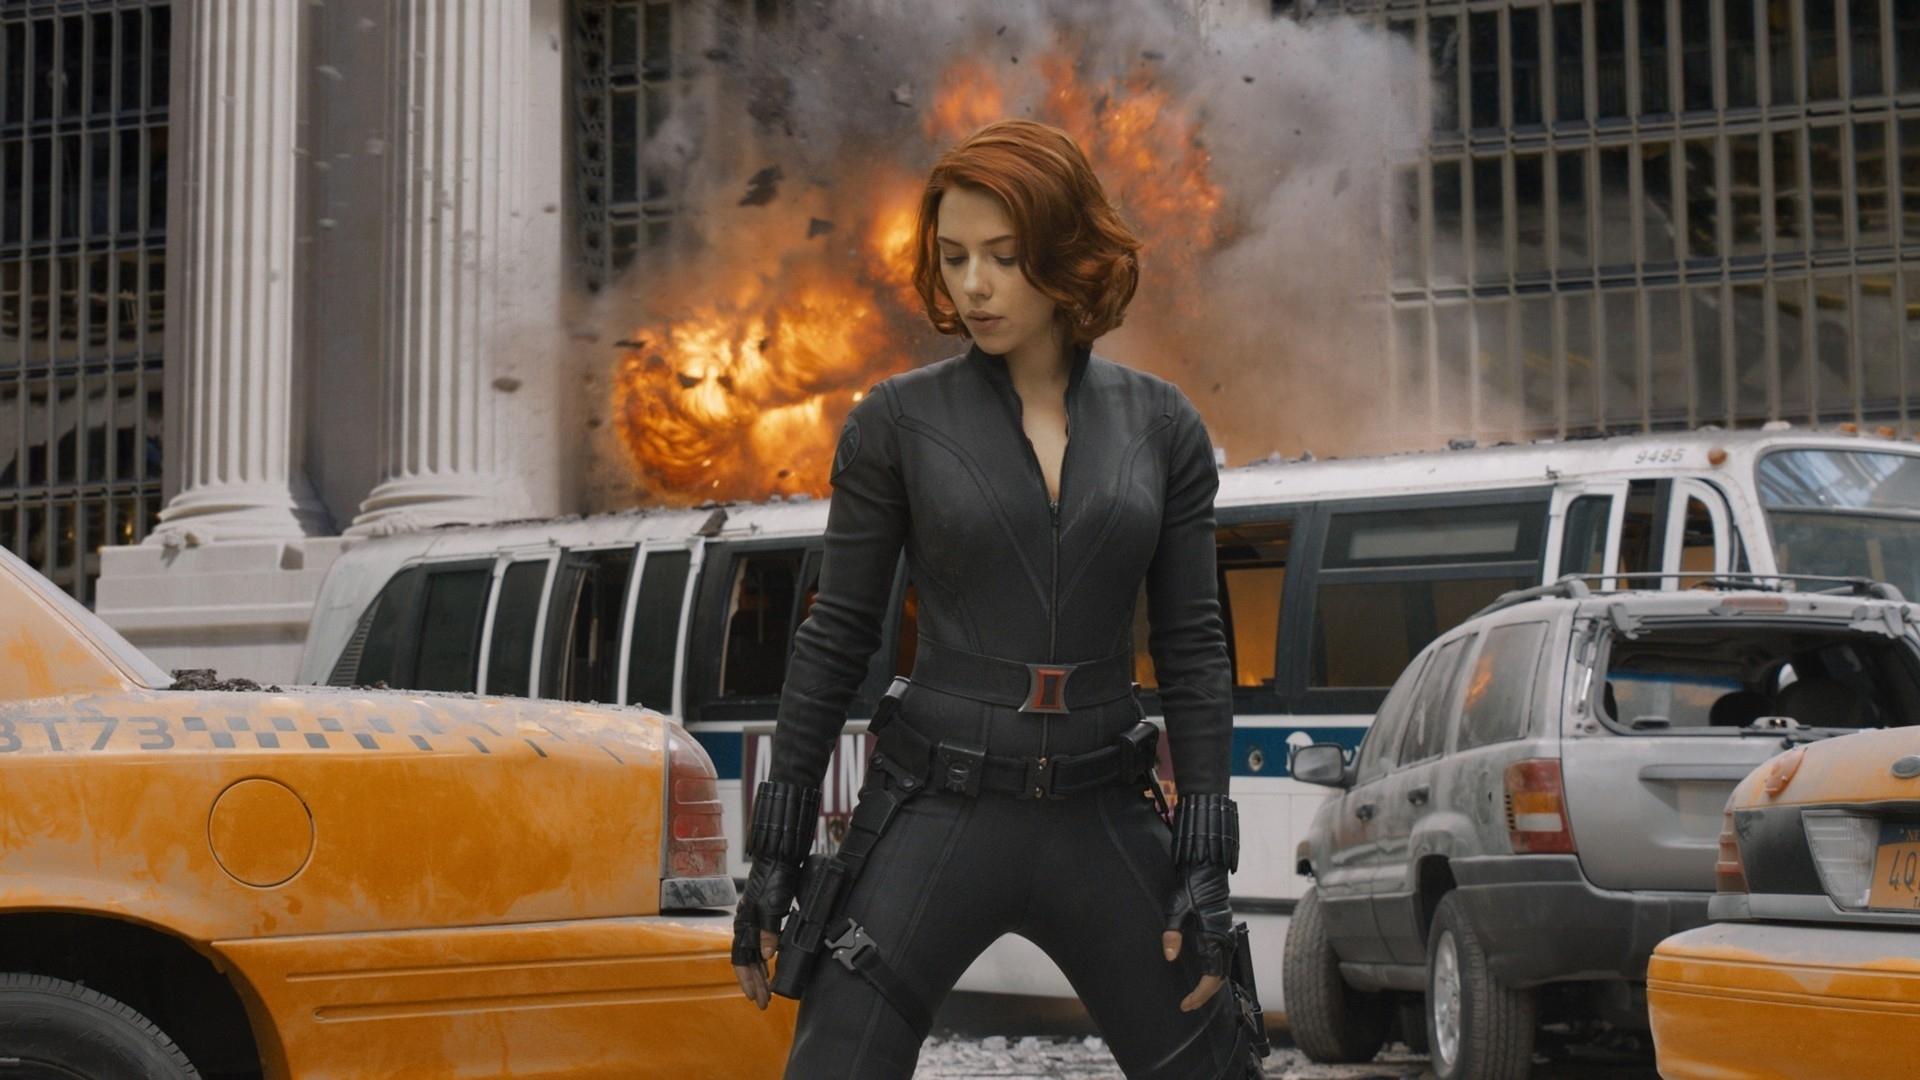 23361 скачать обои Девушки, Кино, Актеры, Мстители (The Avengers), Люди - заставки и картинки бесплатно